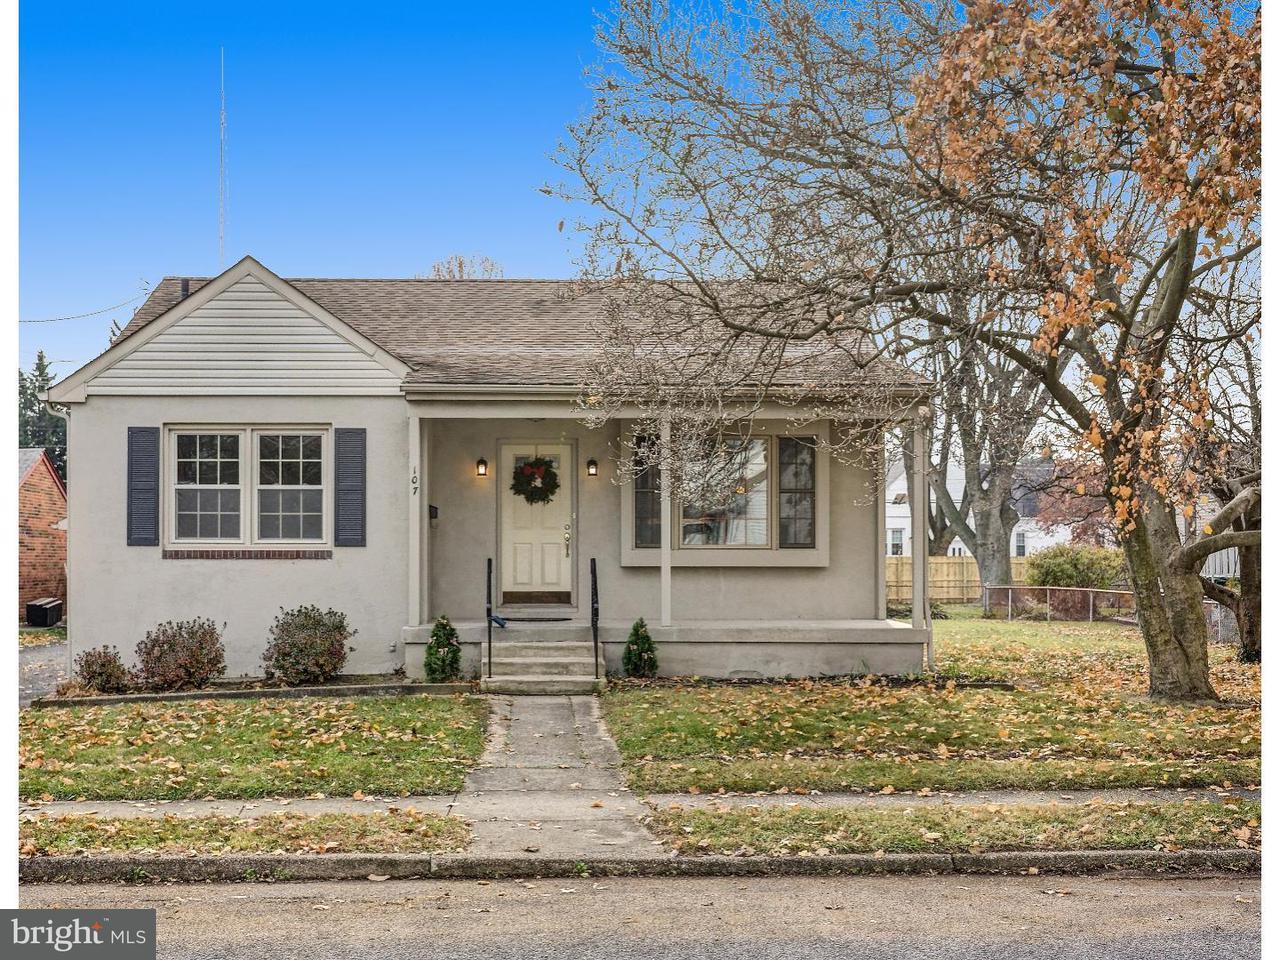 Частный односемейный дом для того Продажа на 107 MARLBOROUGH Avenue Mount Ephraim, Нью-Джерси 08059 Соединенные Штаты